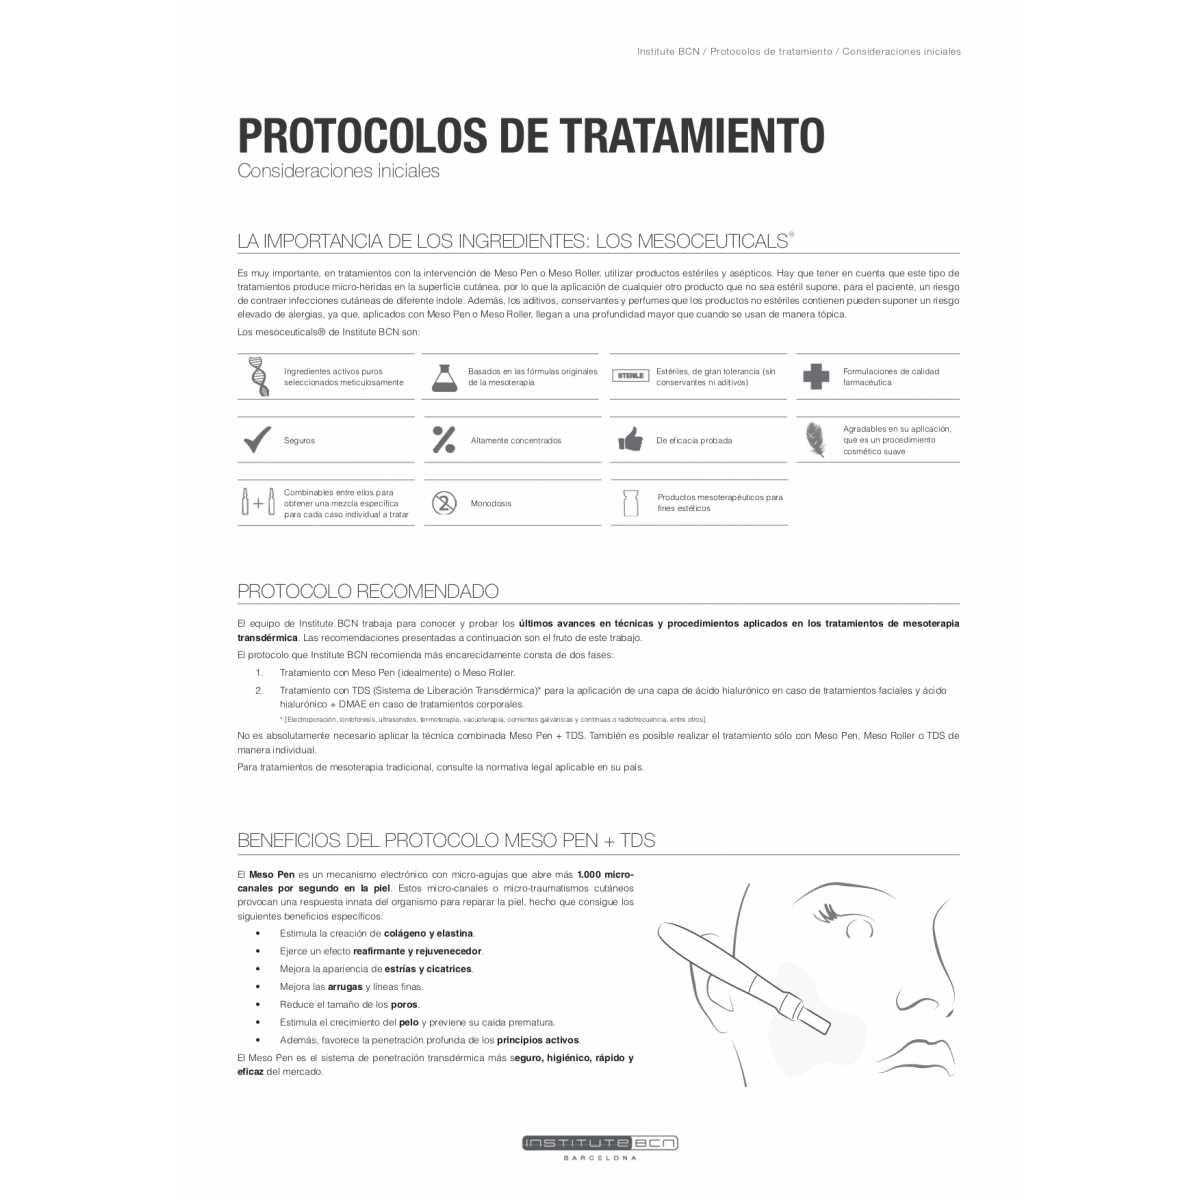 Aminoacidi - Soluzione Nutritiva - Principi attivi - Institute BCN